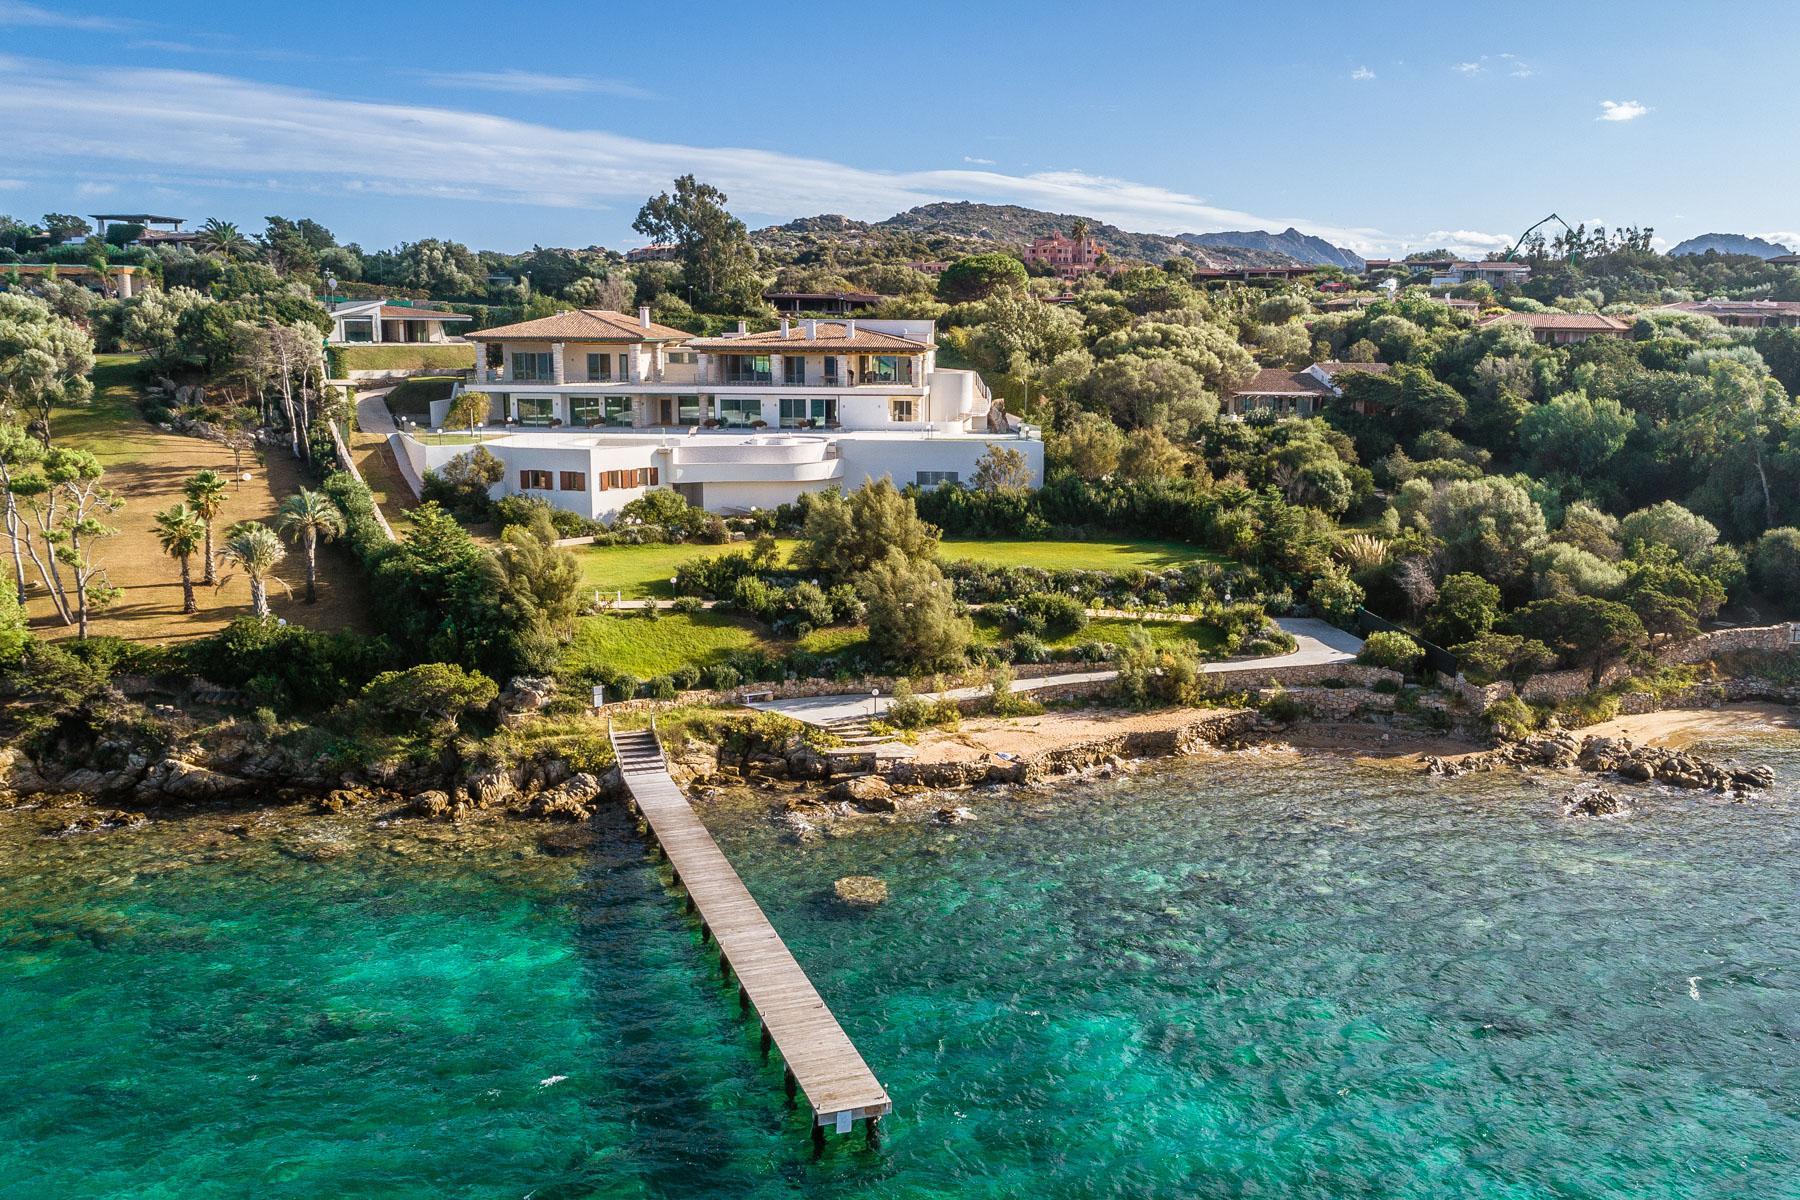 Meravigliosa villa sul mare in Costa Smeralda - 34